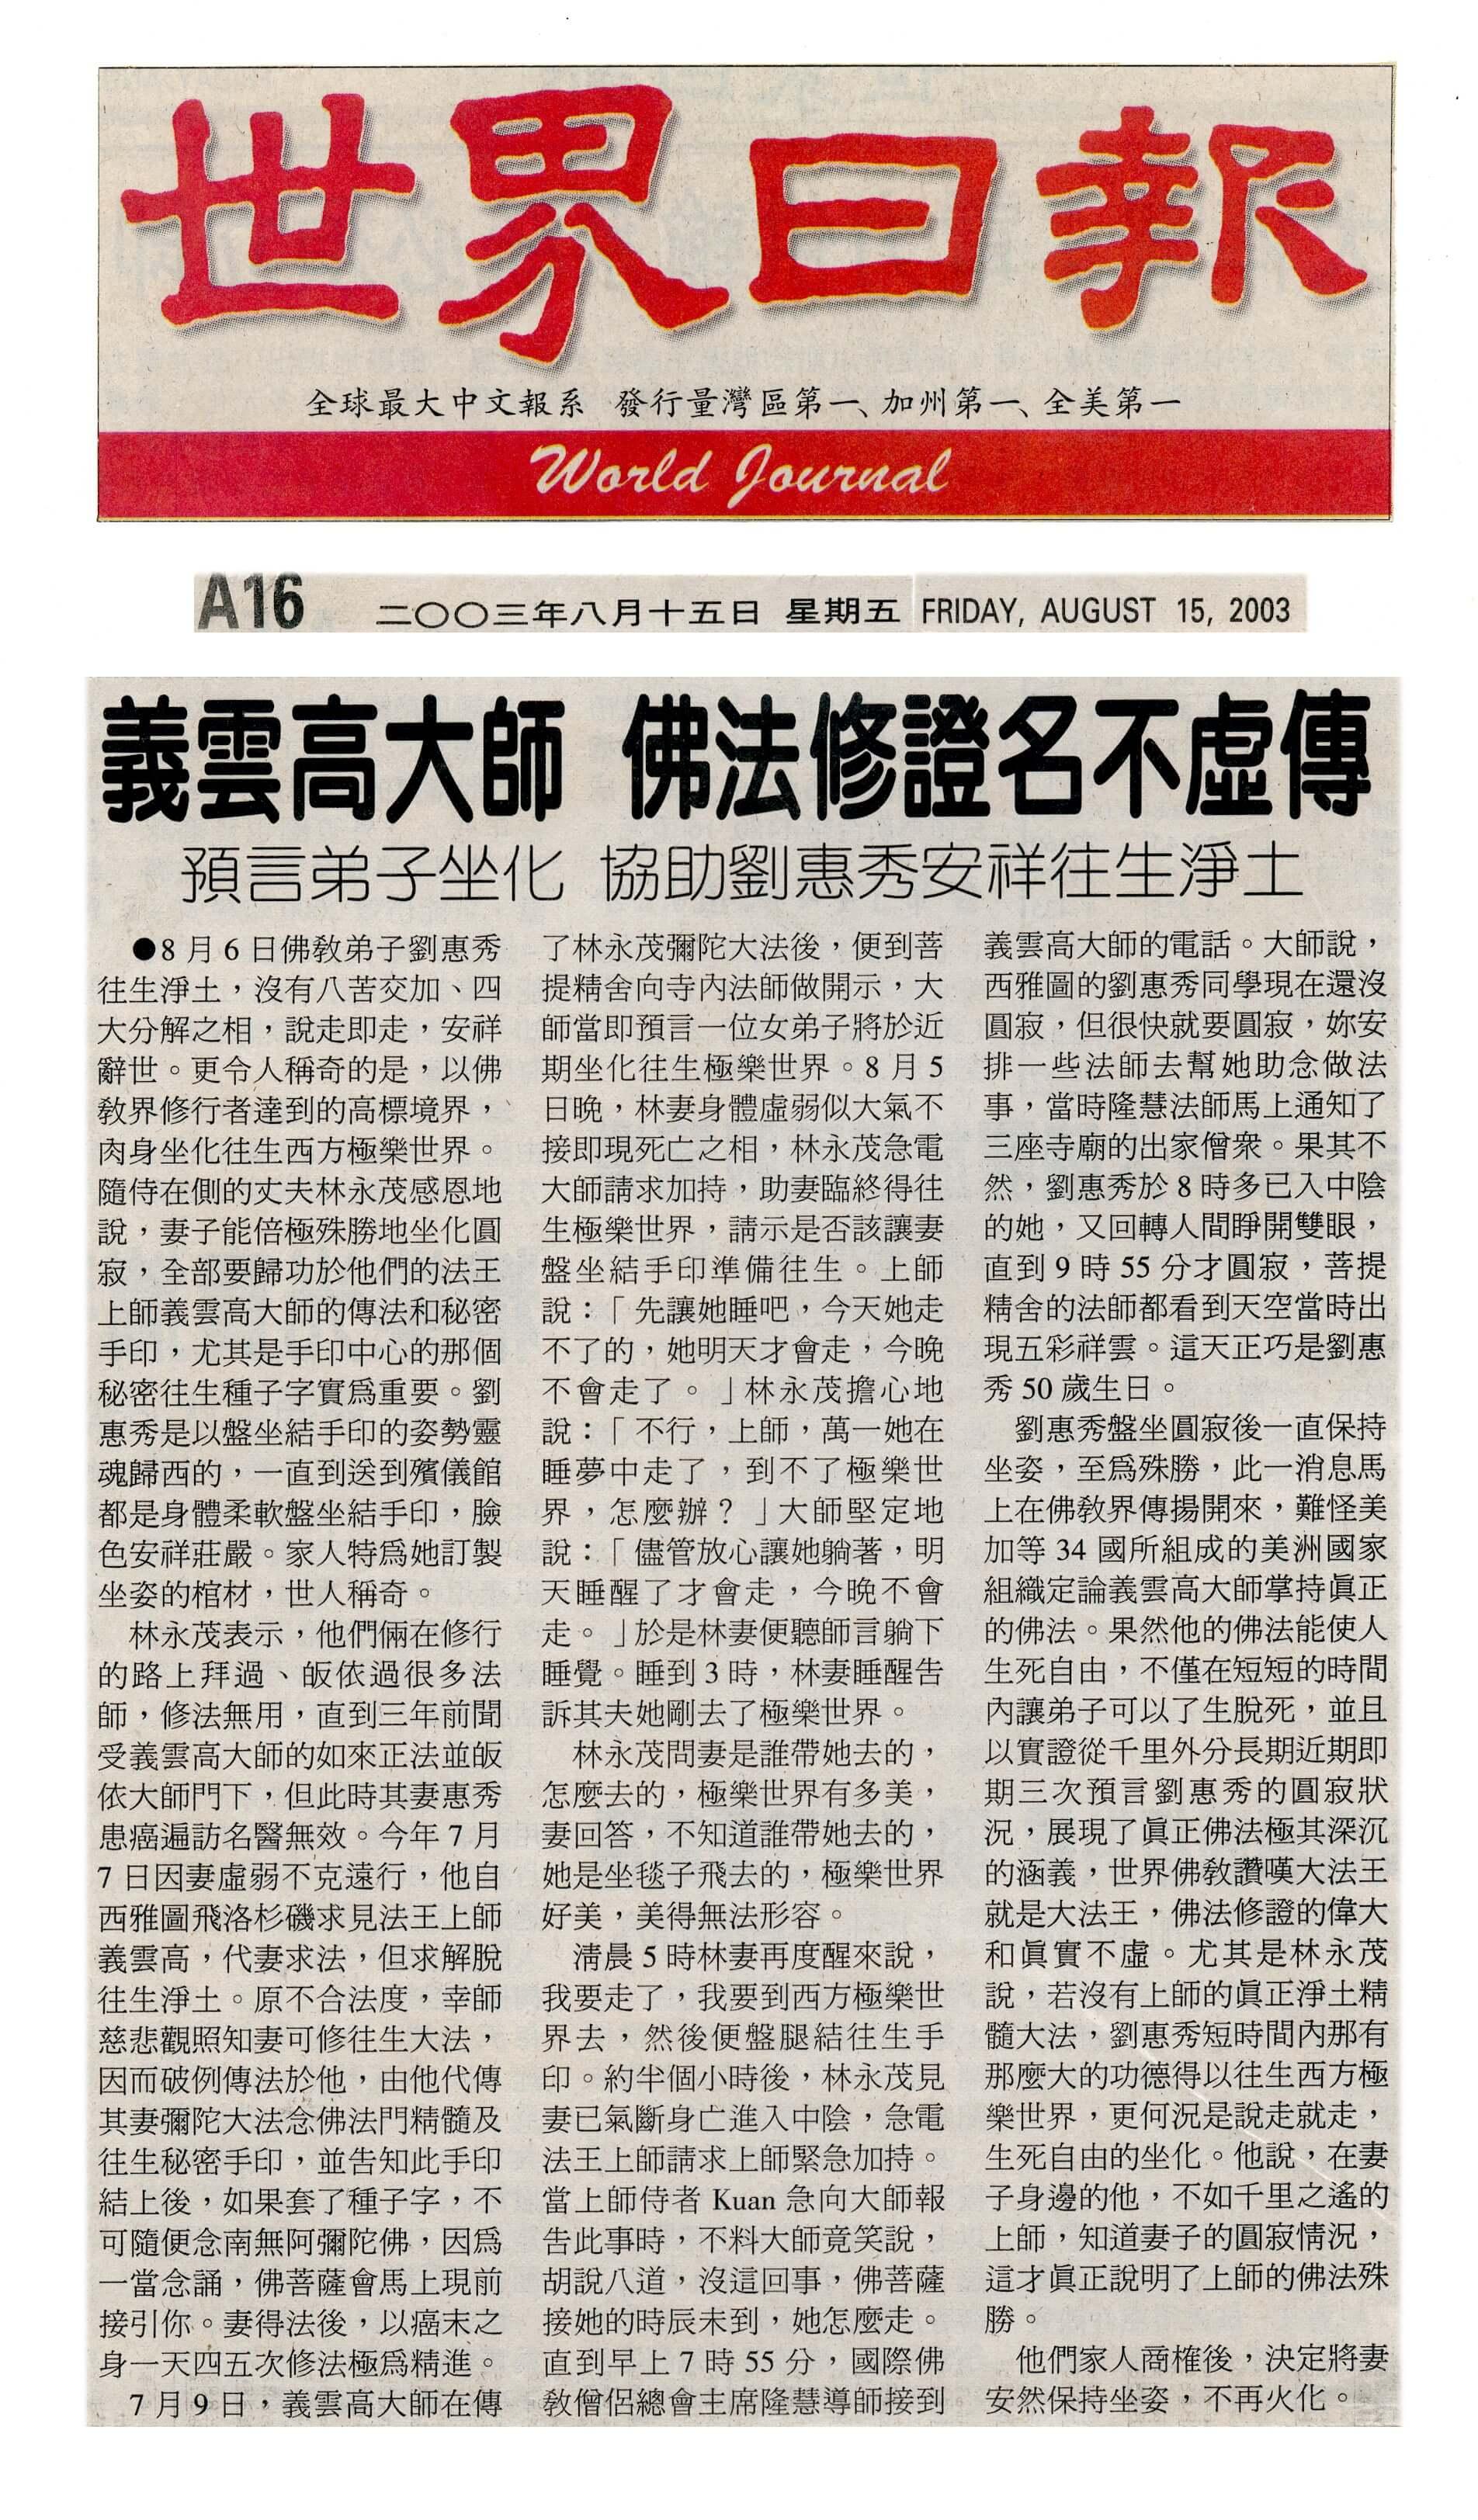 義雲高 2003-08-15 世界日報